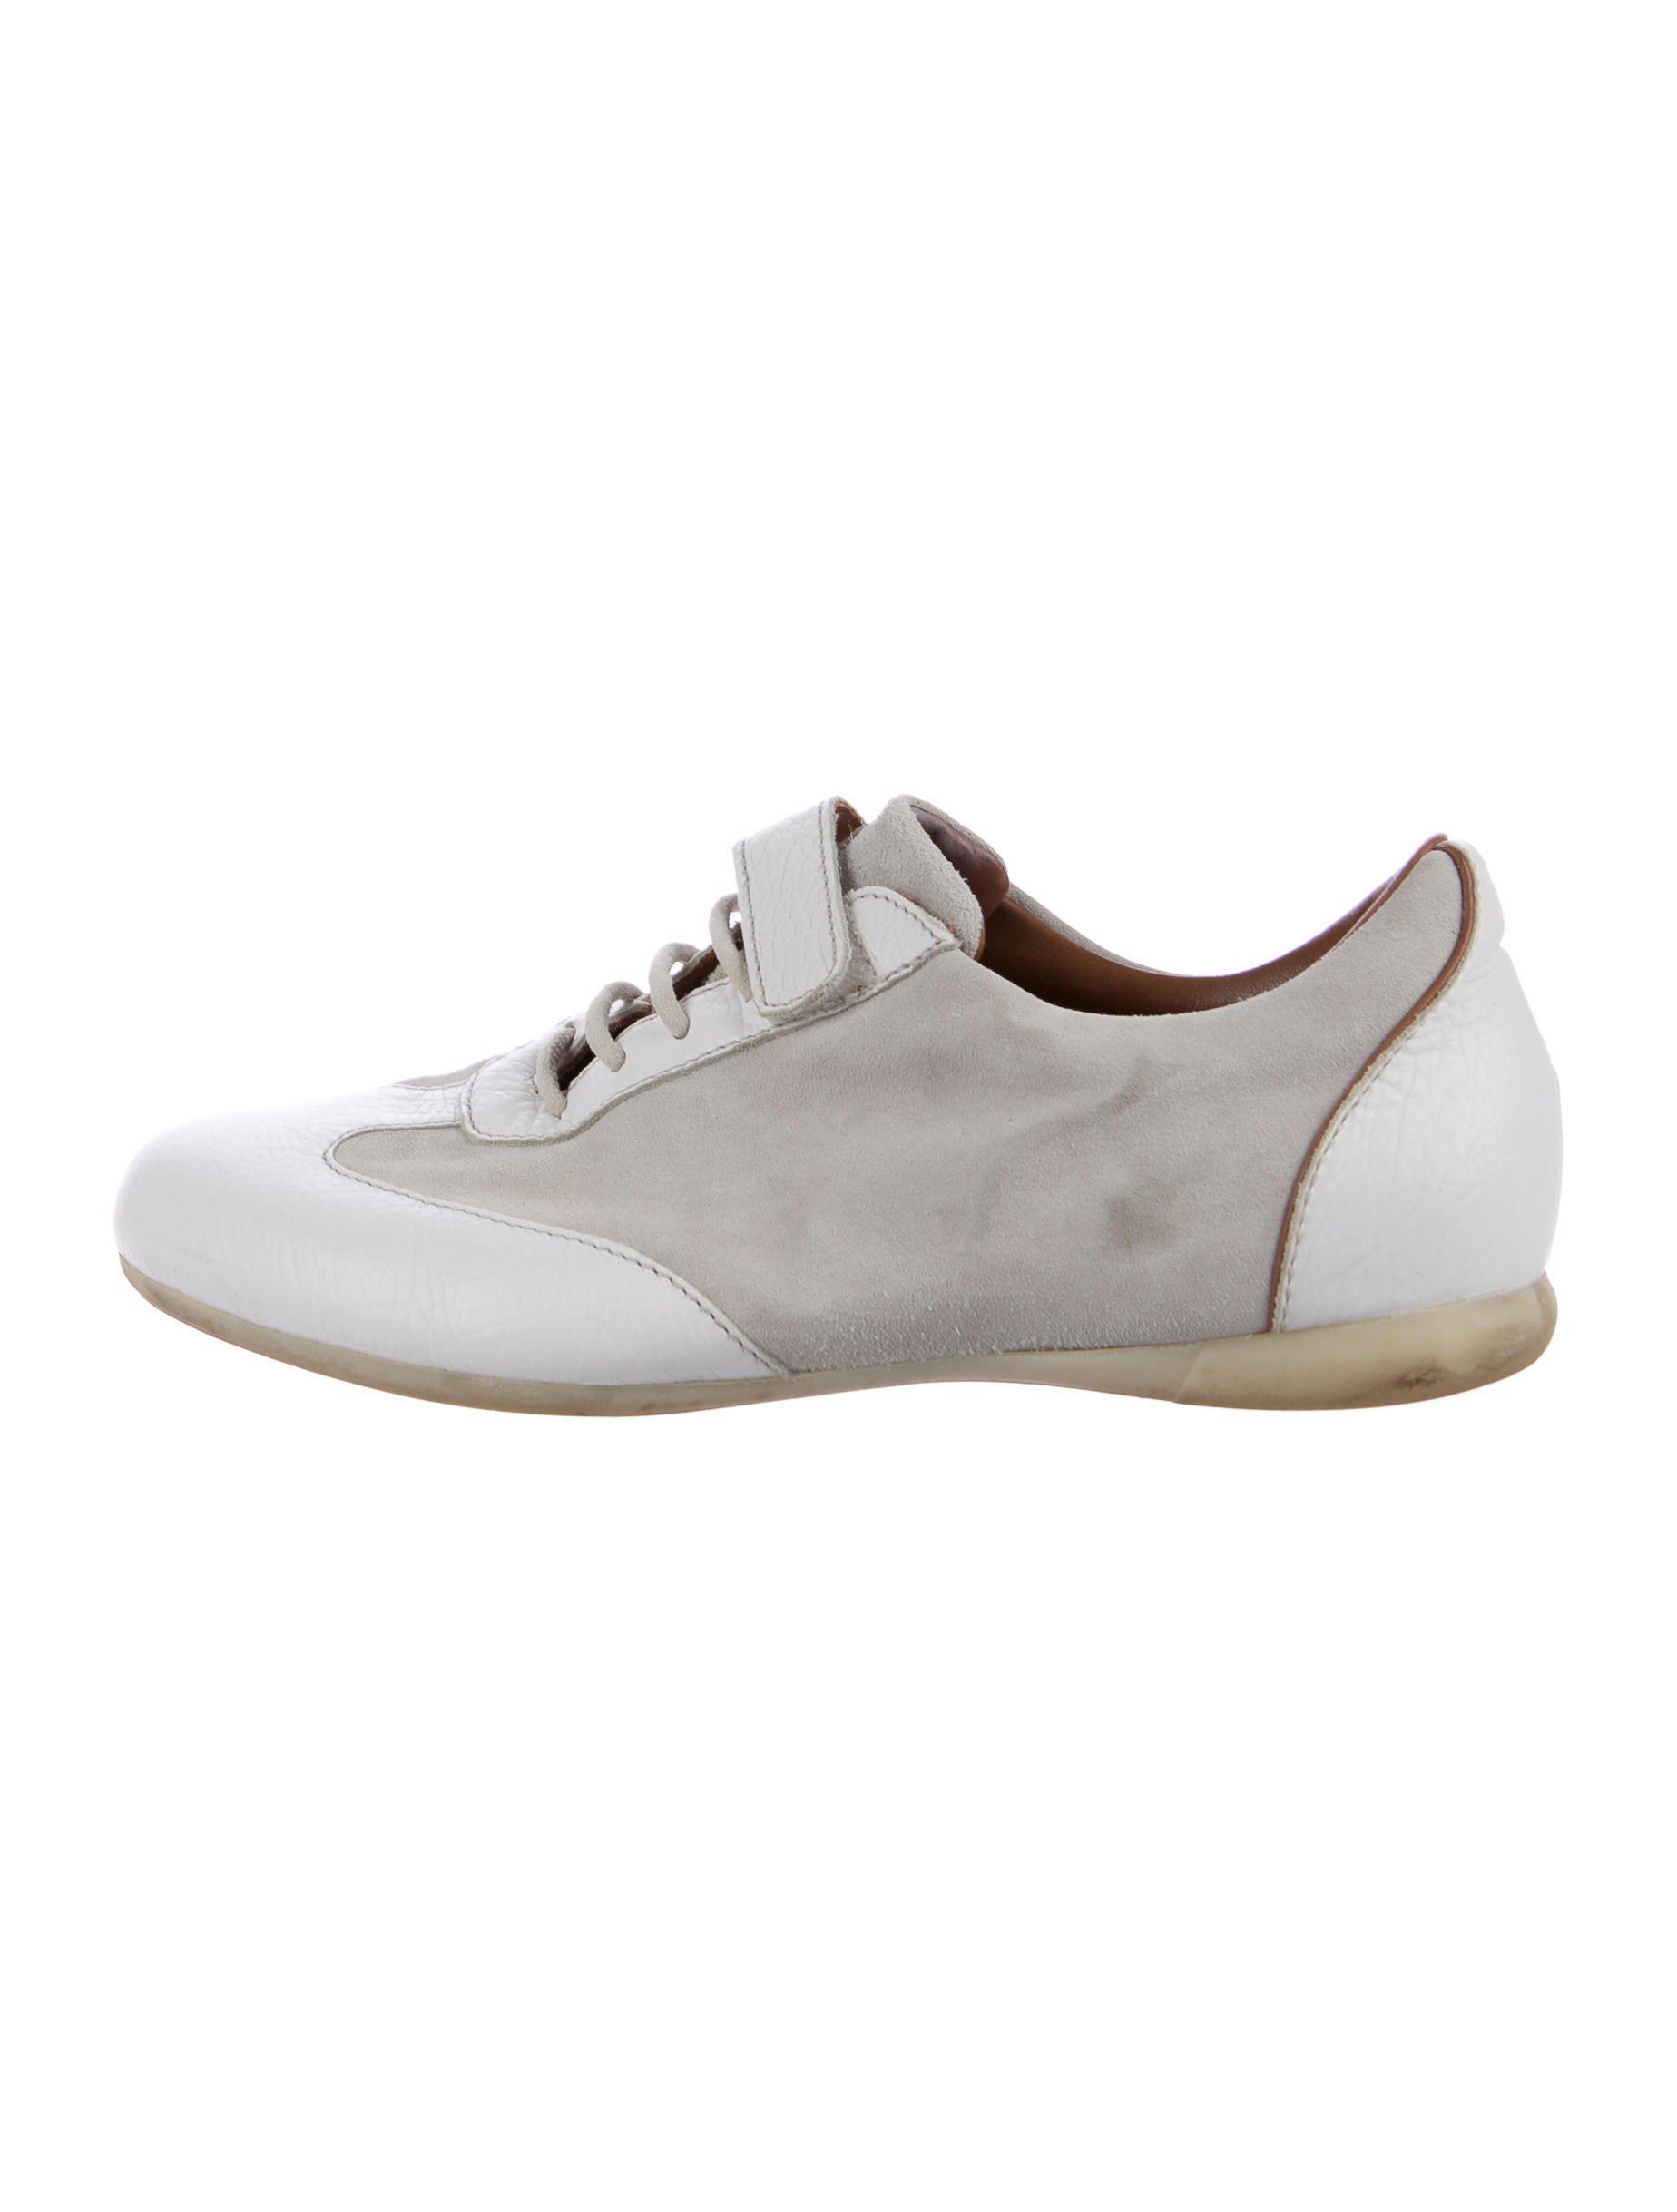 Loro Piana low top sneakers - White Buscando En Línea Venta Barata 2018 Más Reciente Salida En Línea Barato LSjVmP9